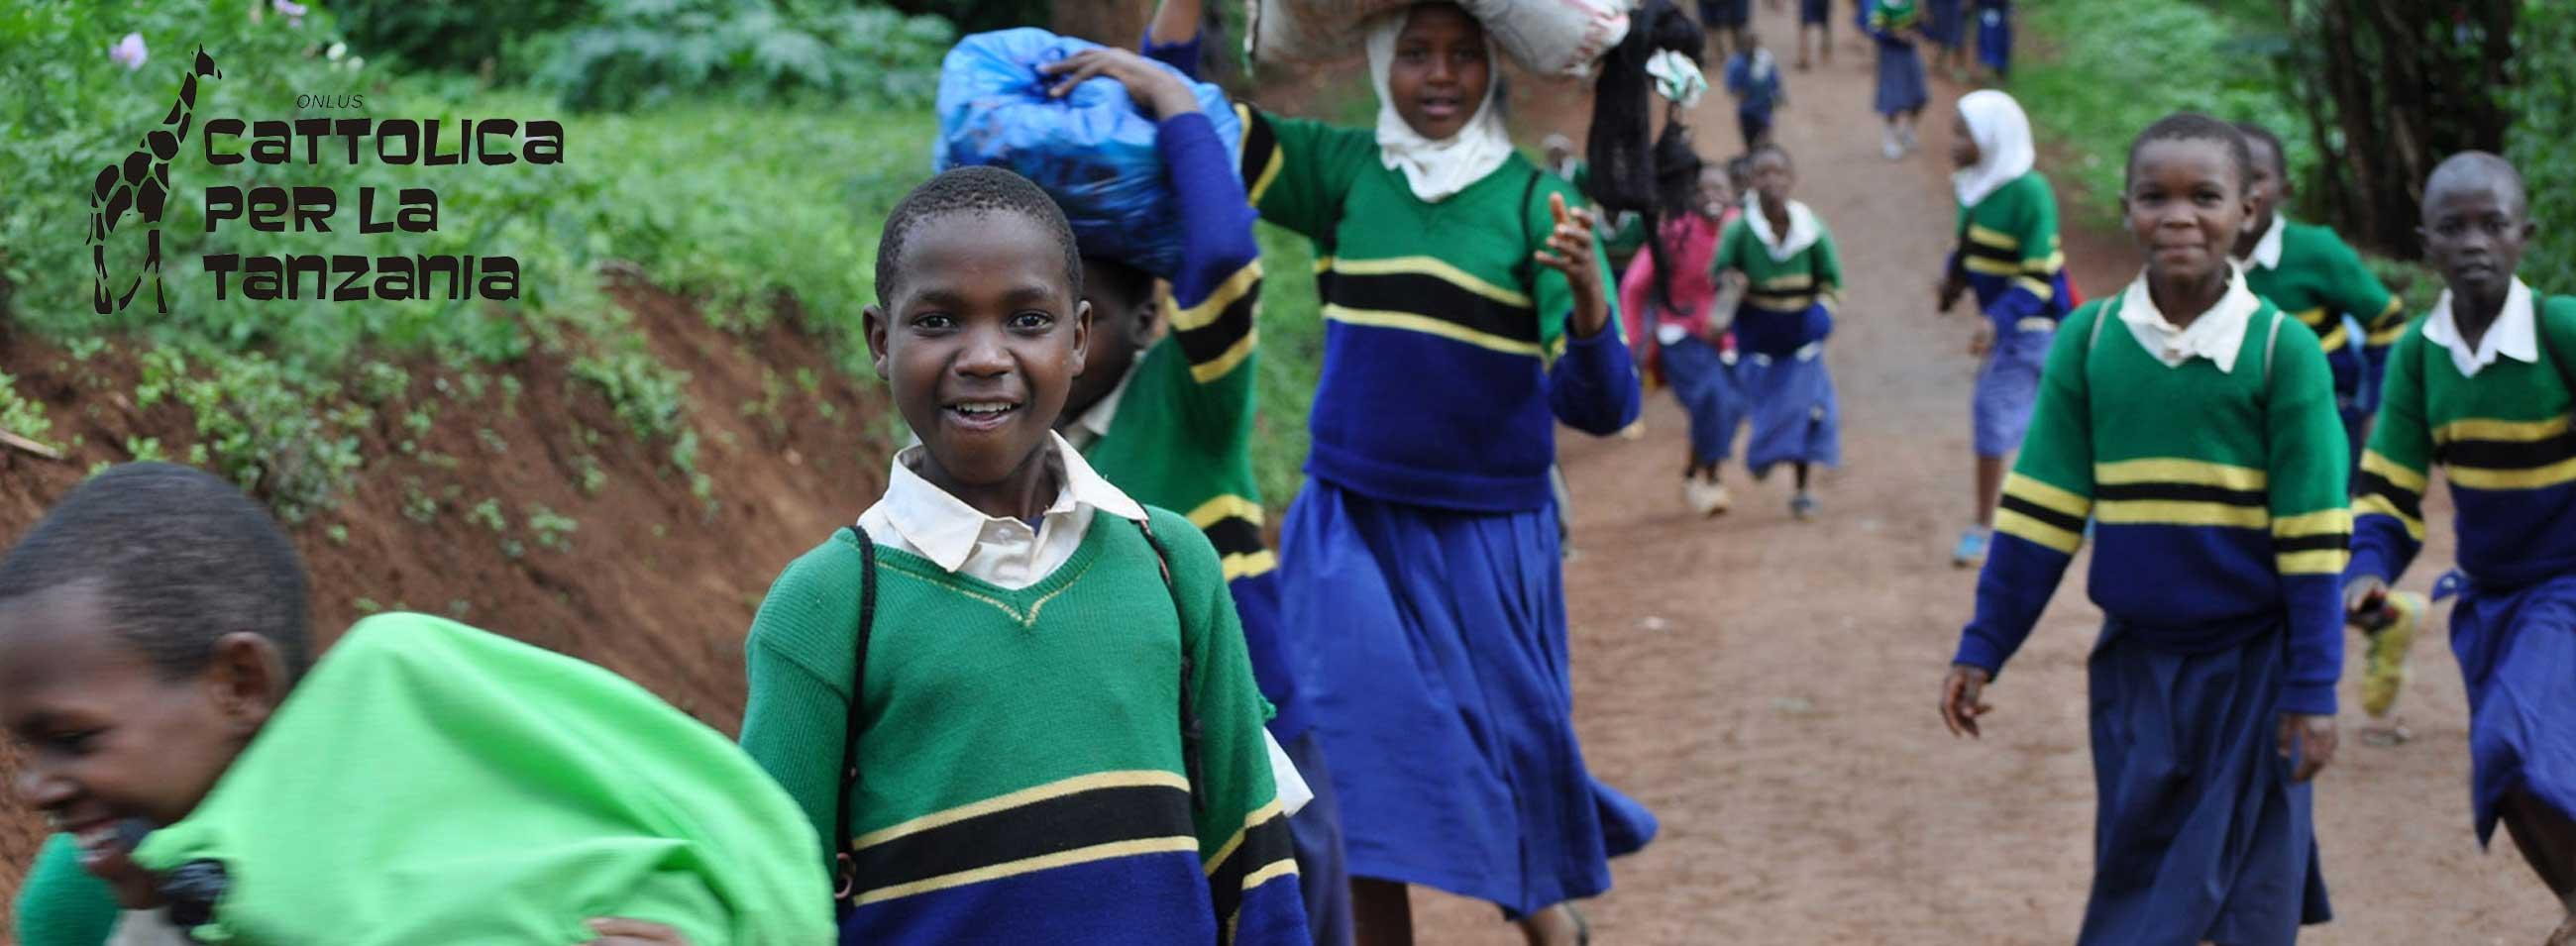 La scuola di Cattolica per la Tanzania